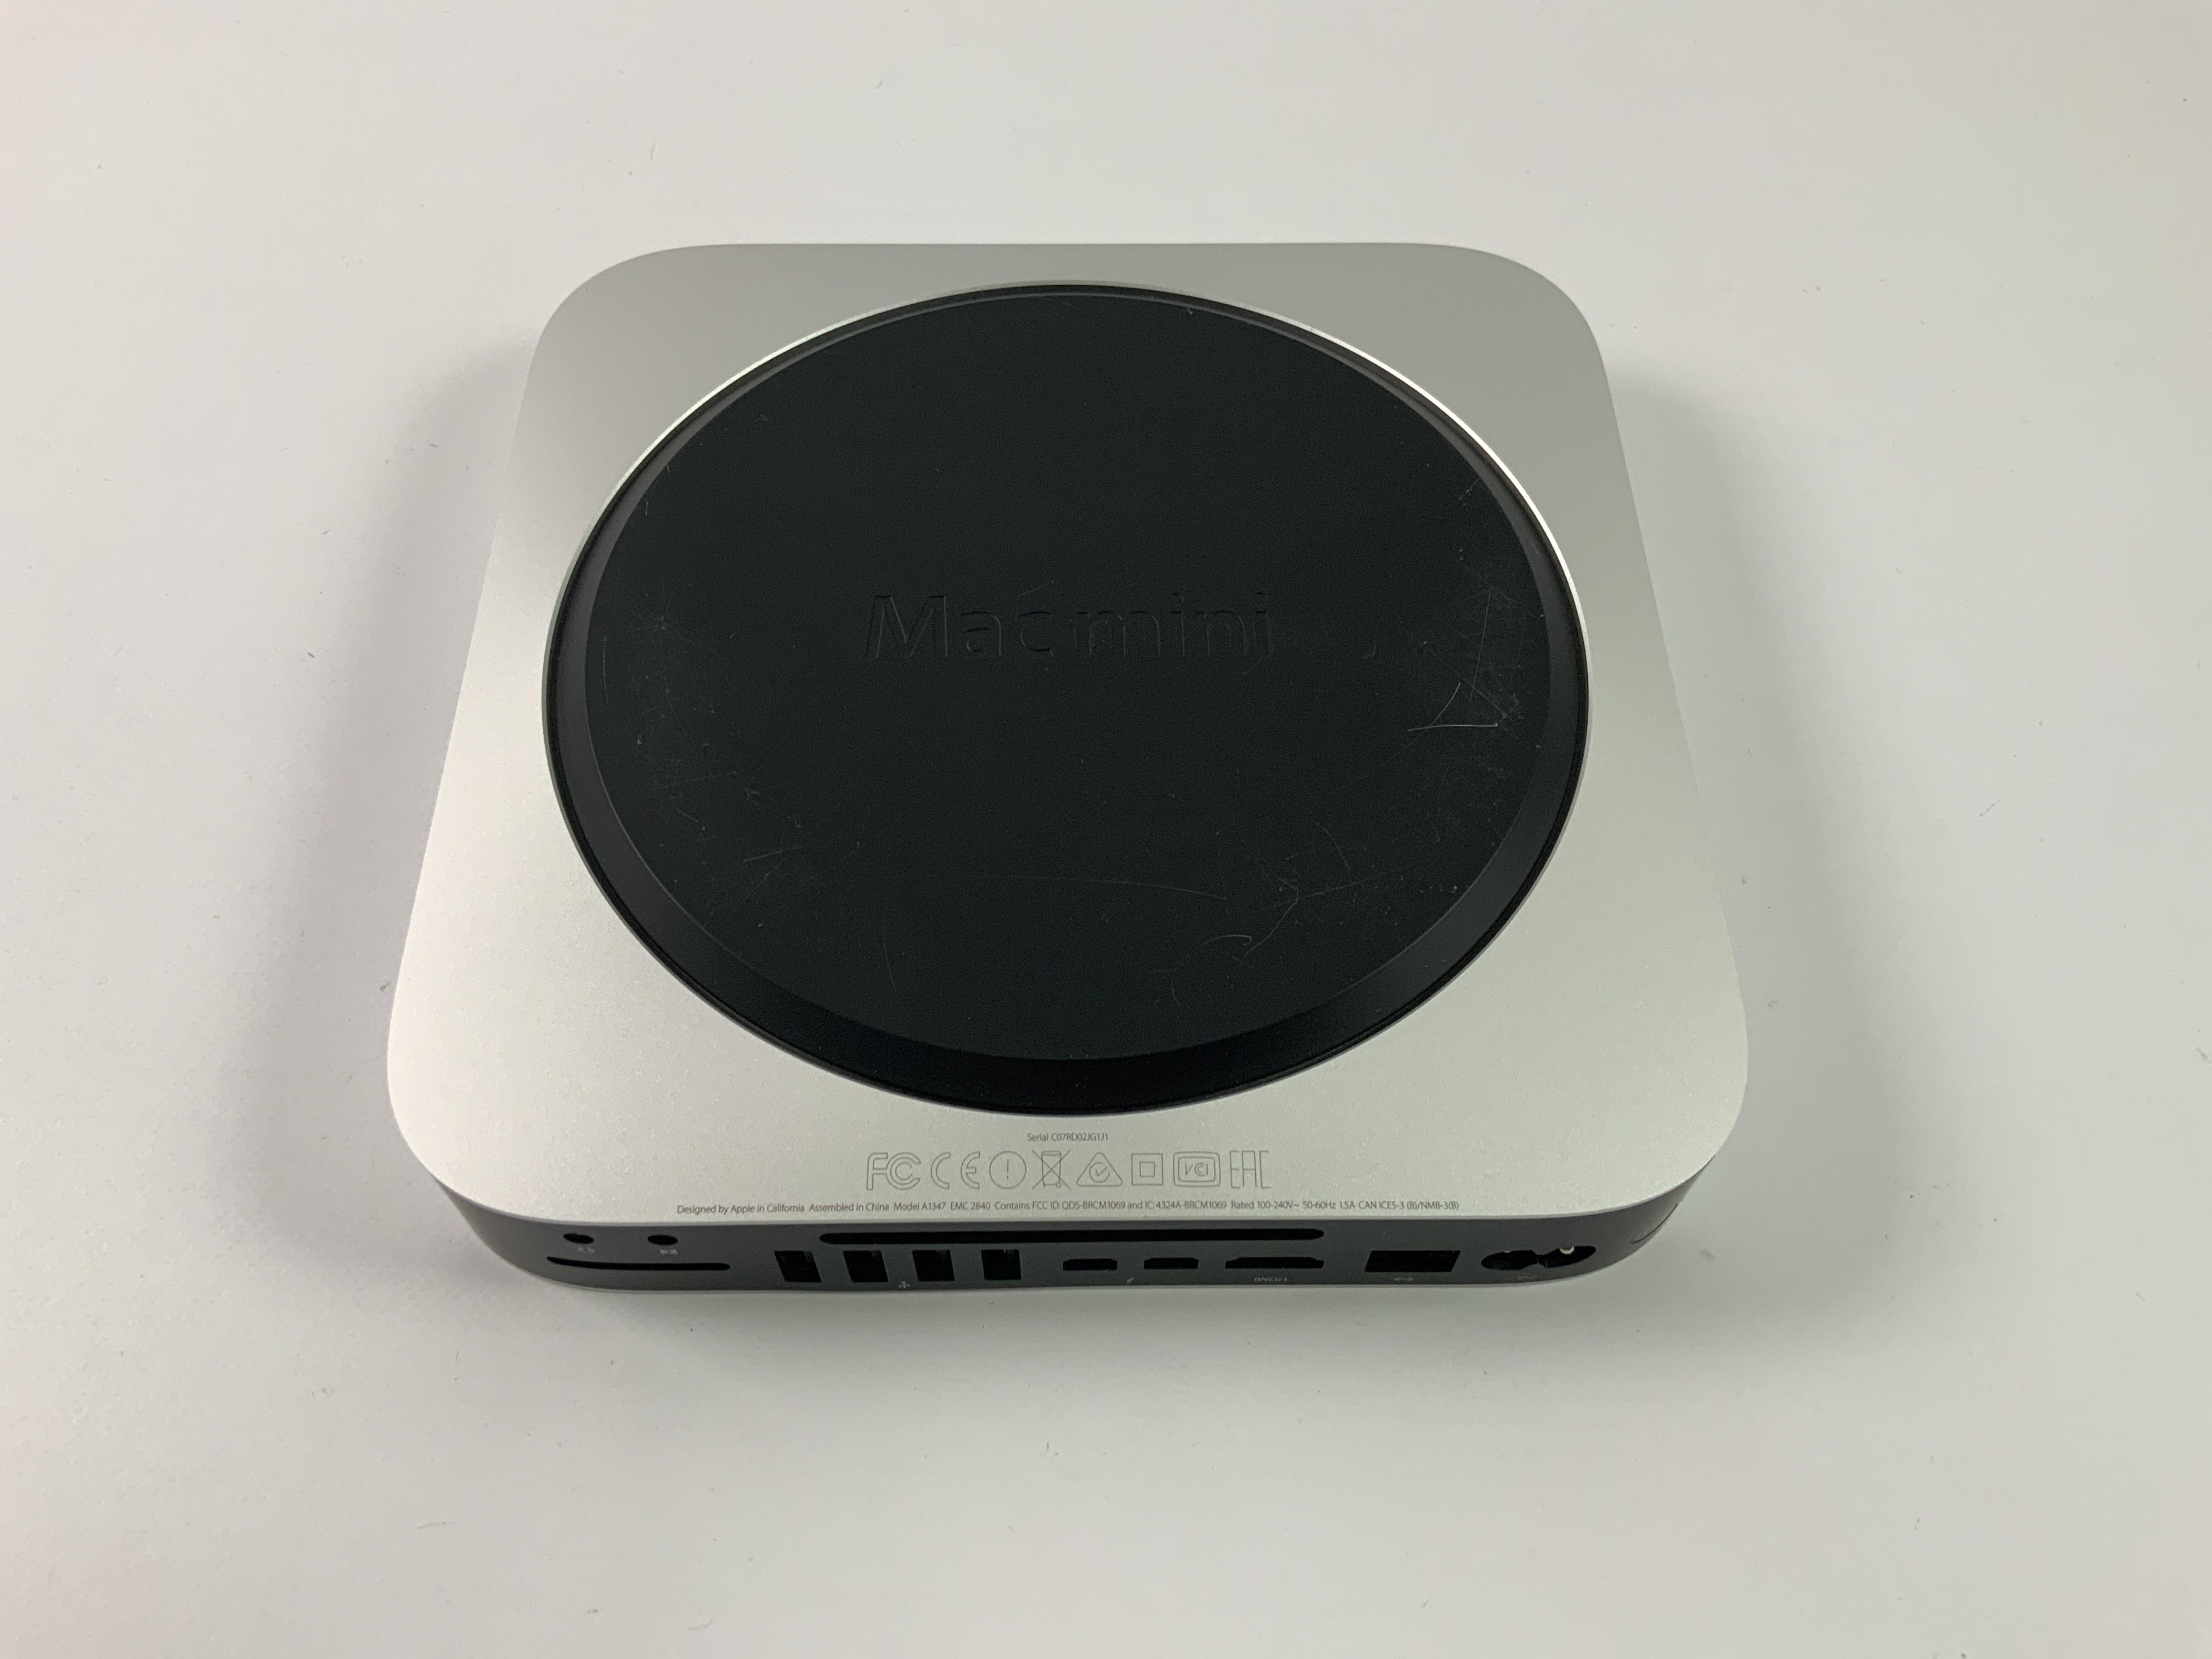 Mac Mini Late 2014 (Intel Core i7 3.0 GHz 16 GB RAM 1 TB SSD), Intel Core i7 3.0 GHz, 16 GB RAM, 1 TB SSD, imagen 2